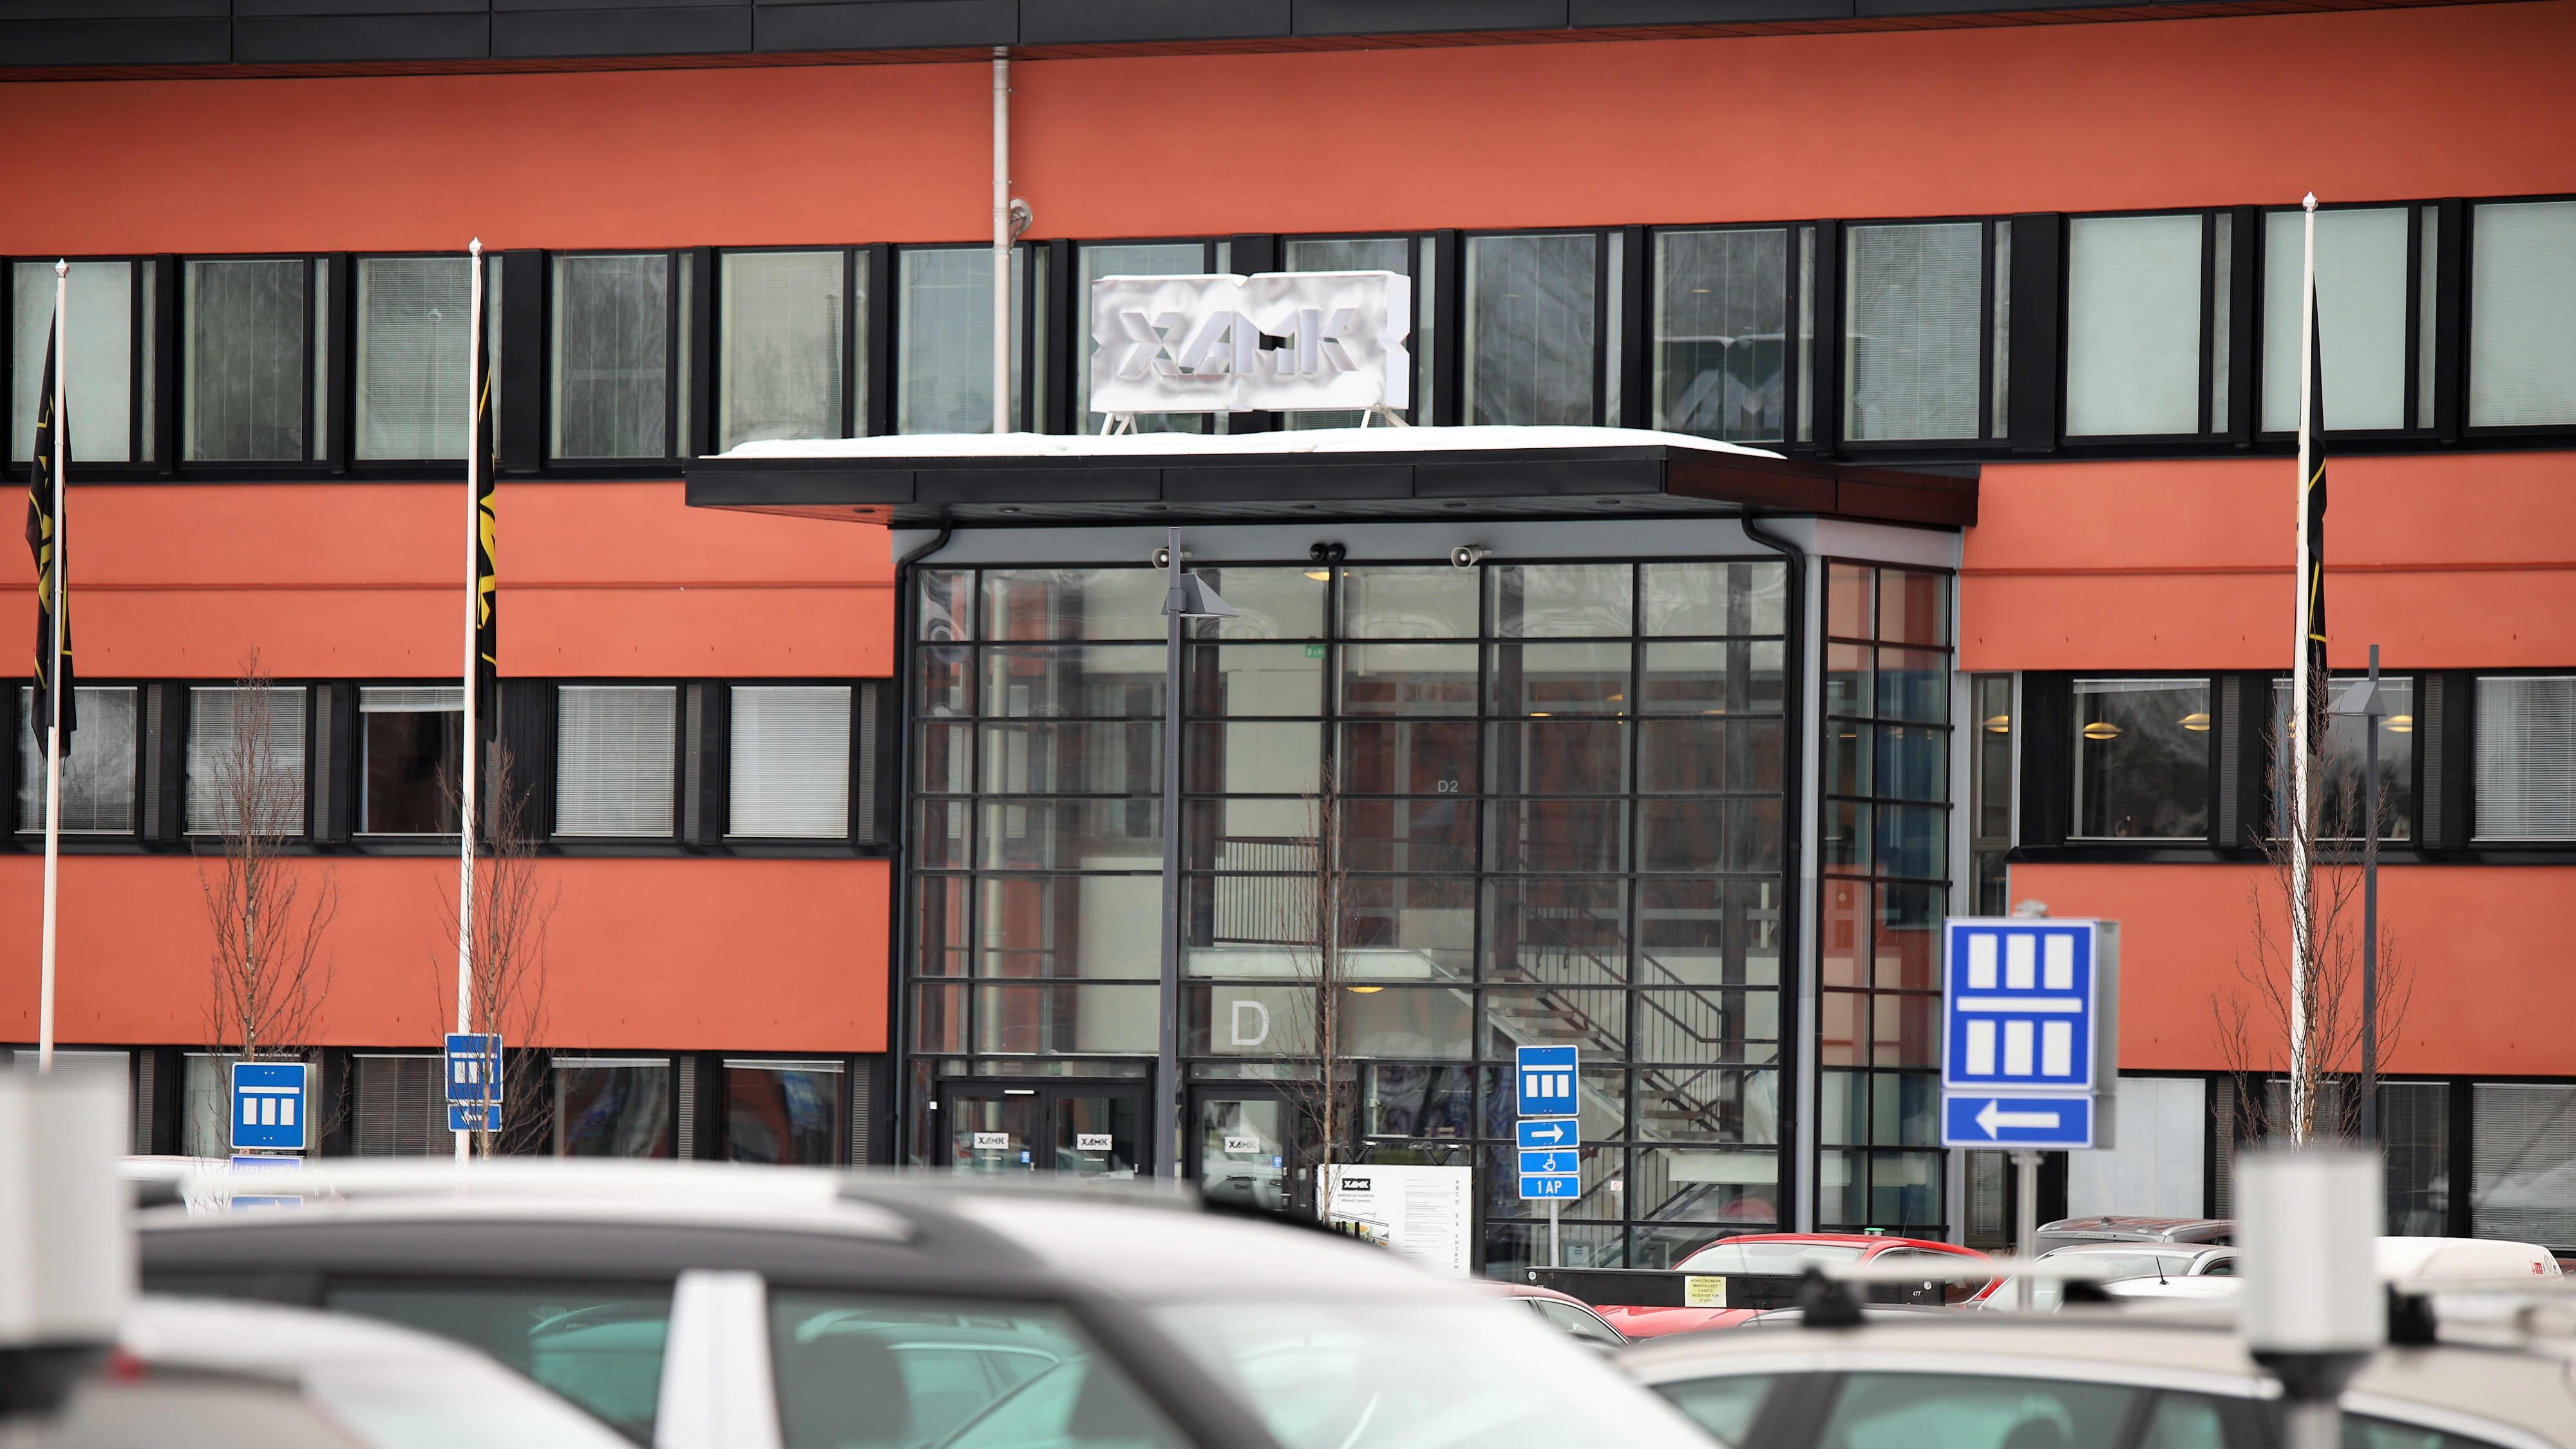 Kaakkois-Suomen ammatikorkeakoulun Mikkelin kampuksen sisäänkäynti